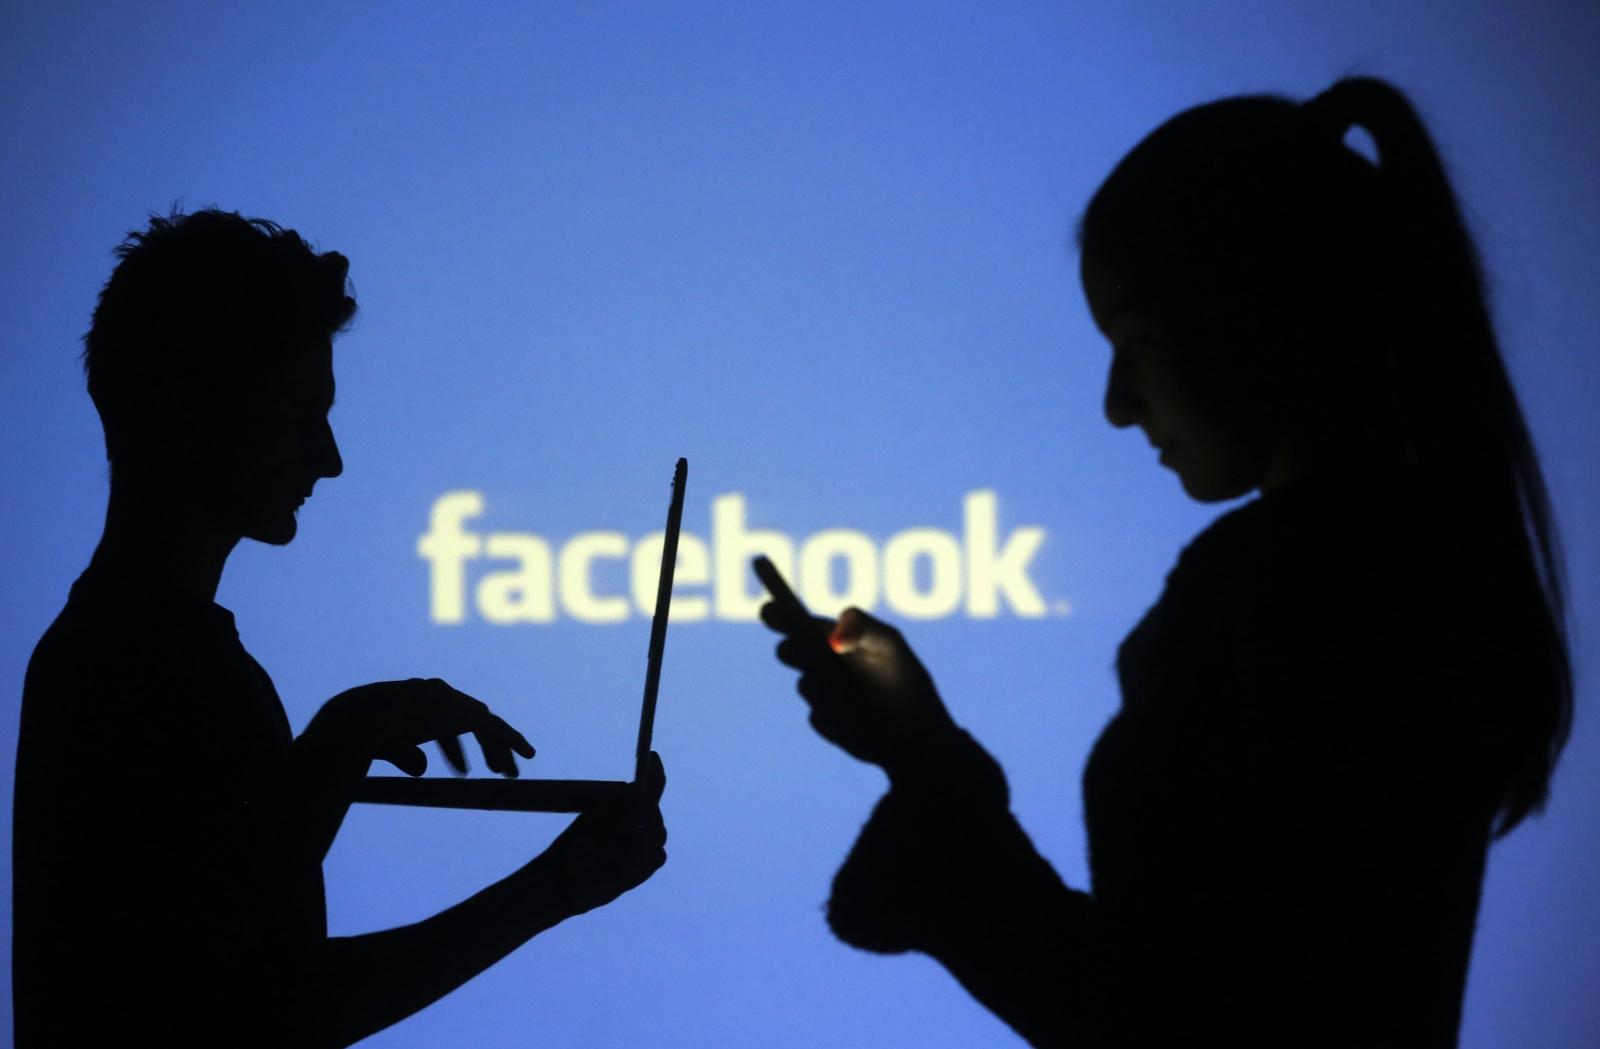 د فیس بوک اکونټ څنګه خپله خوندي وساتو ؟